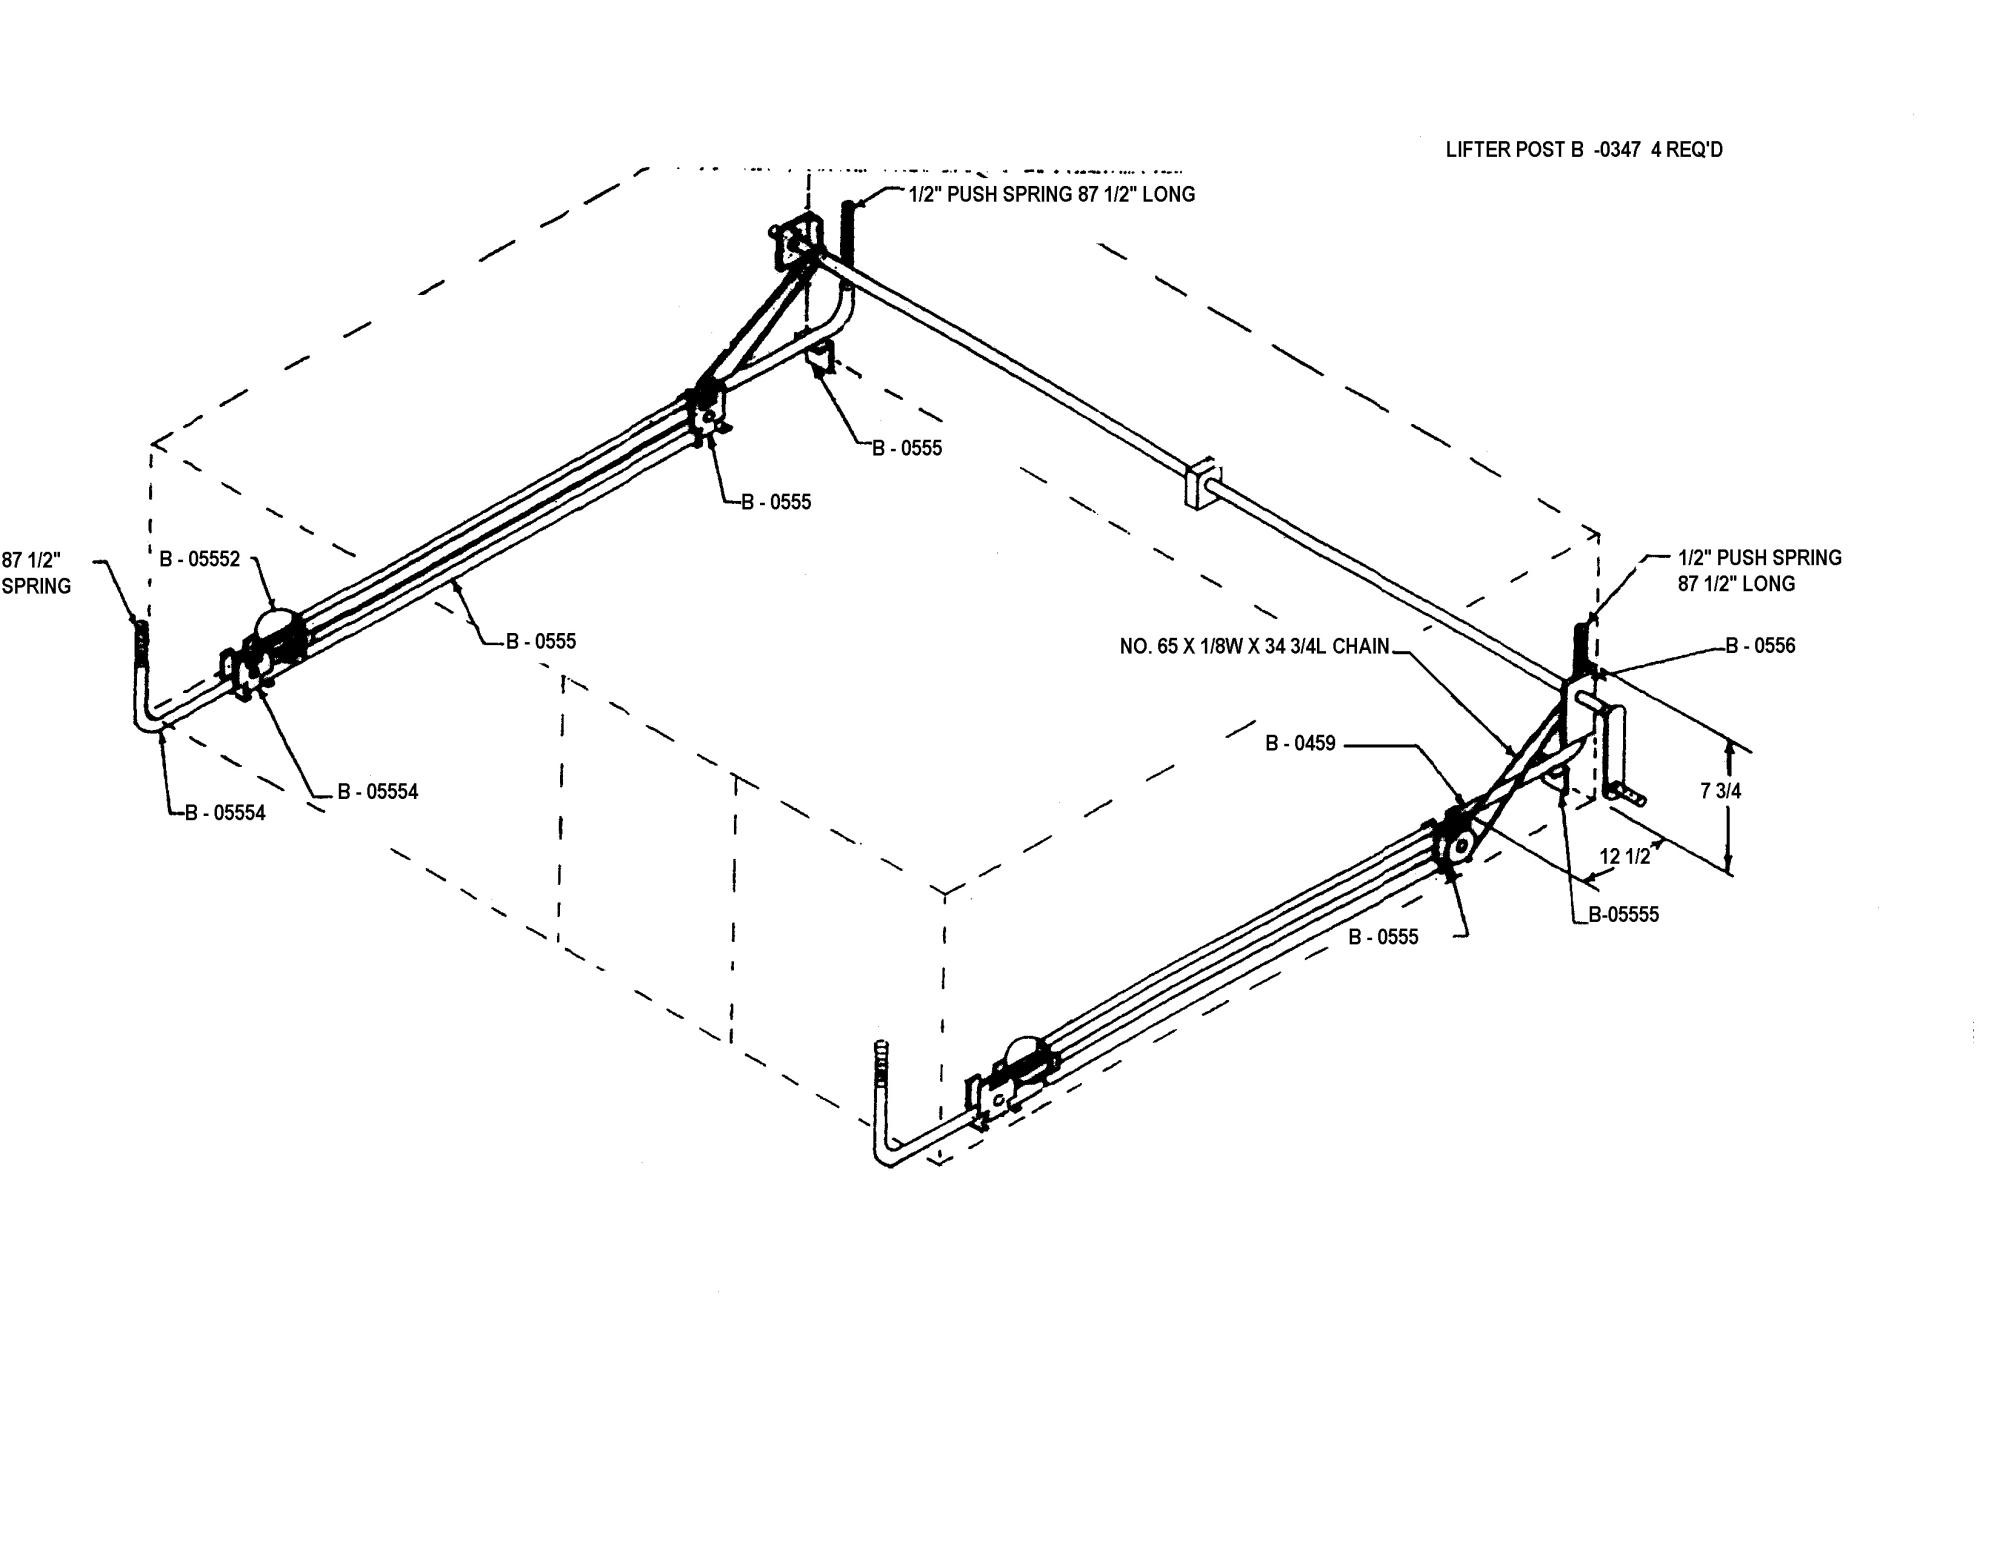 XC_0548] Gs Moon Mini Bike Wiring Diagram Download Diagram | 100cc Gs Moon Mini Bike Wiring Diagram |  | Jidig Barba Benkeme Mohammedshrine Librar Wiring 101